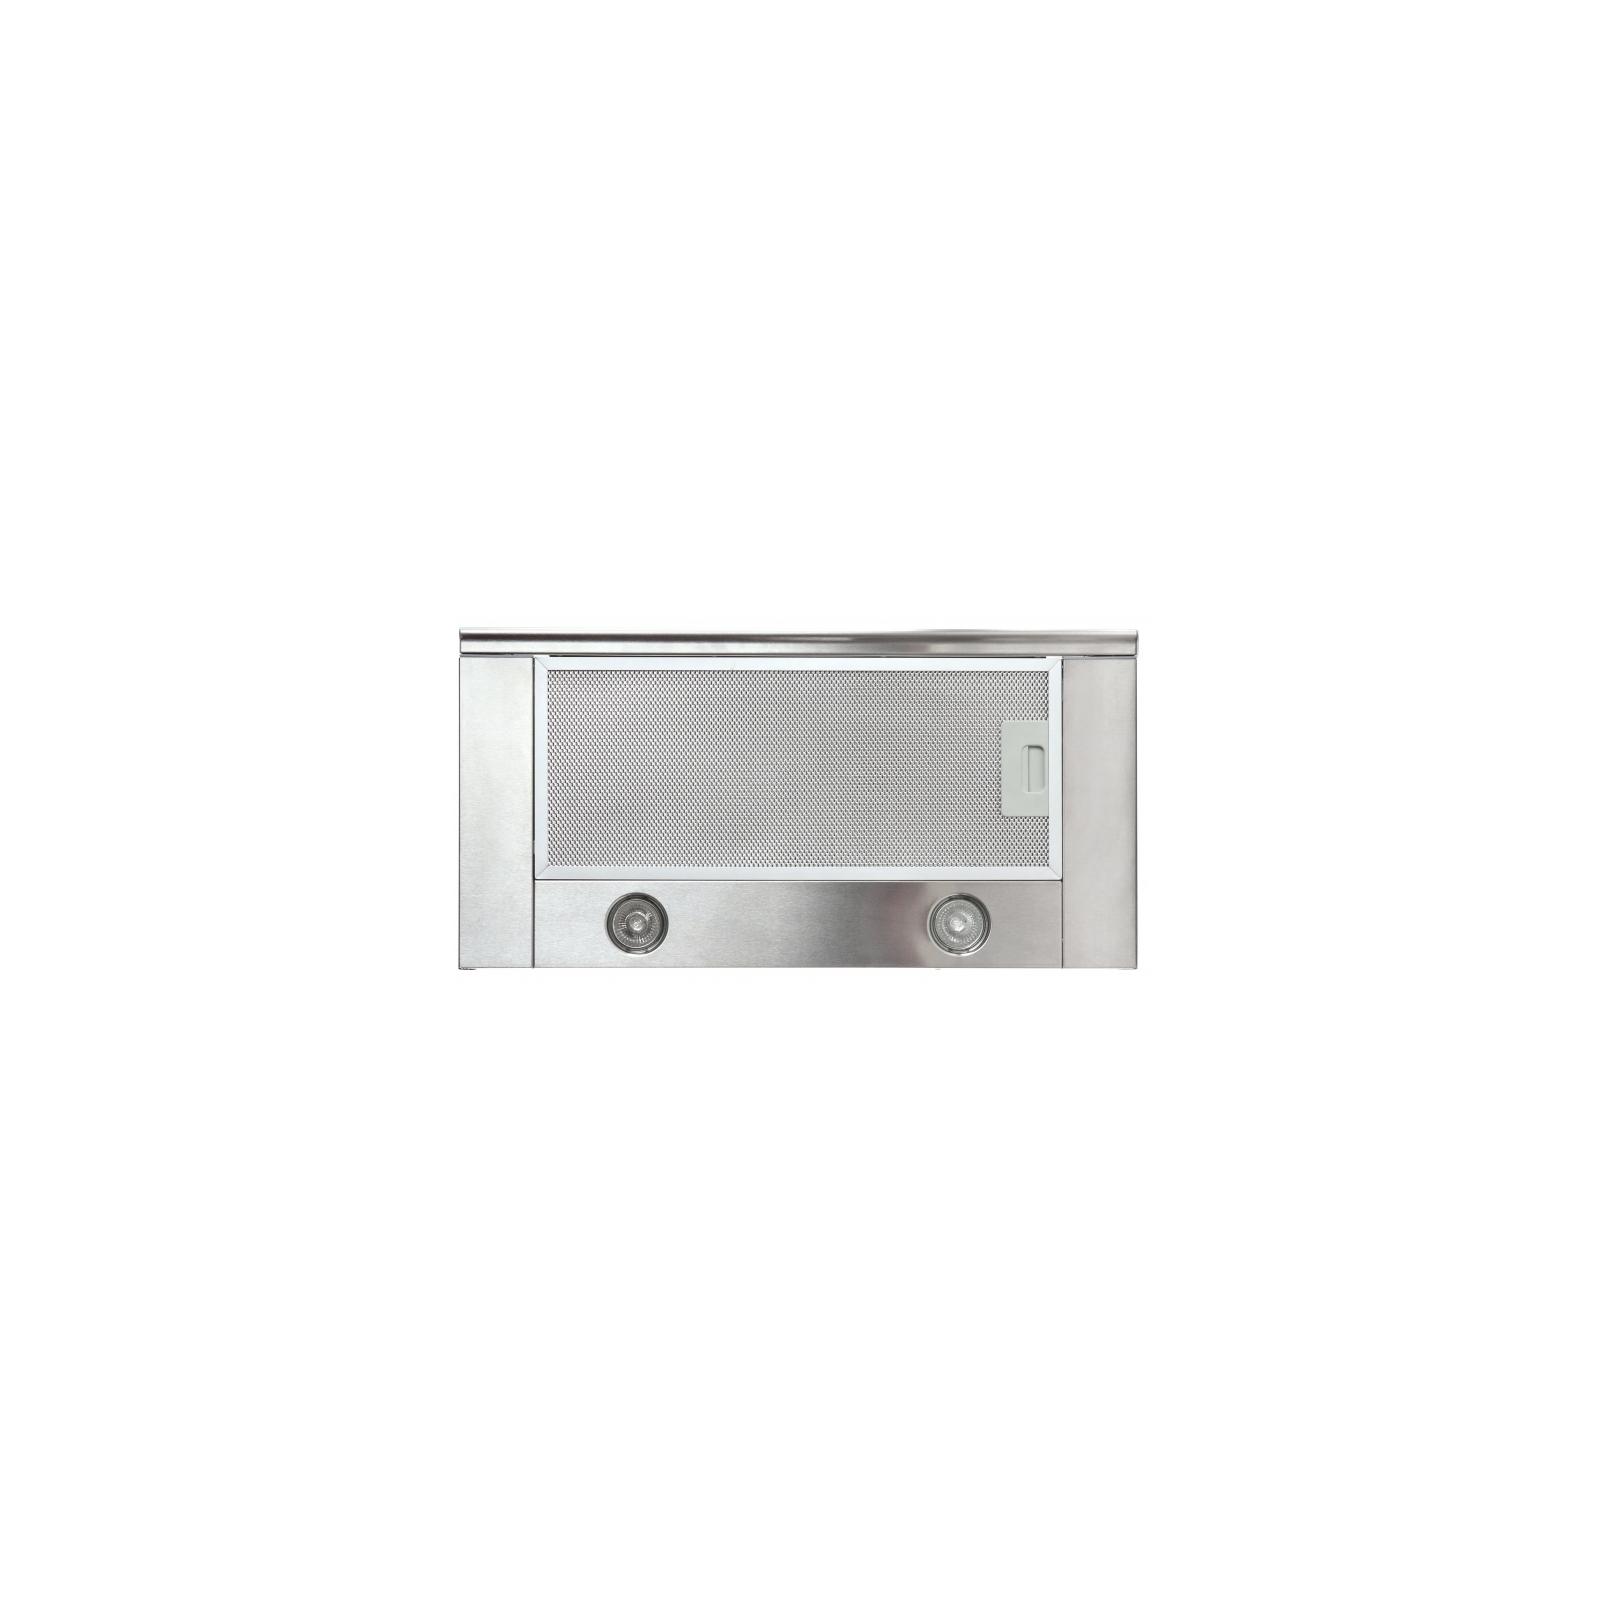 Вытяжка кухонная ELEYUS Storm 960 50 IS изображение 8